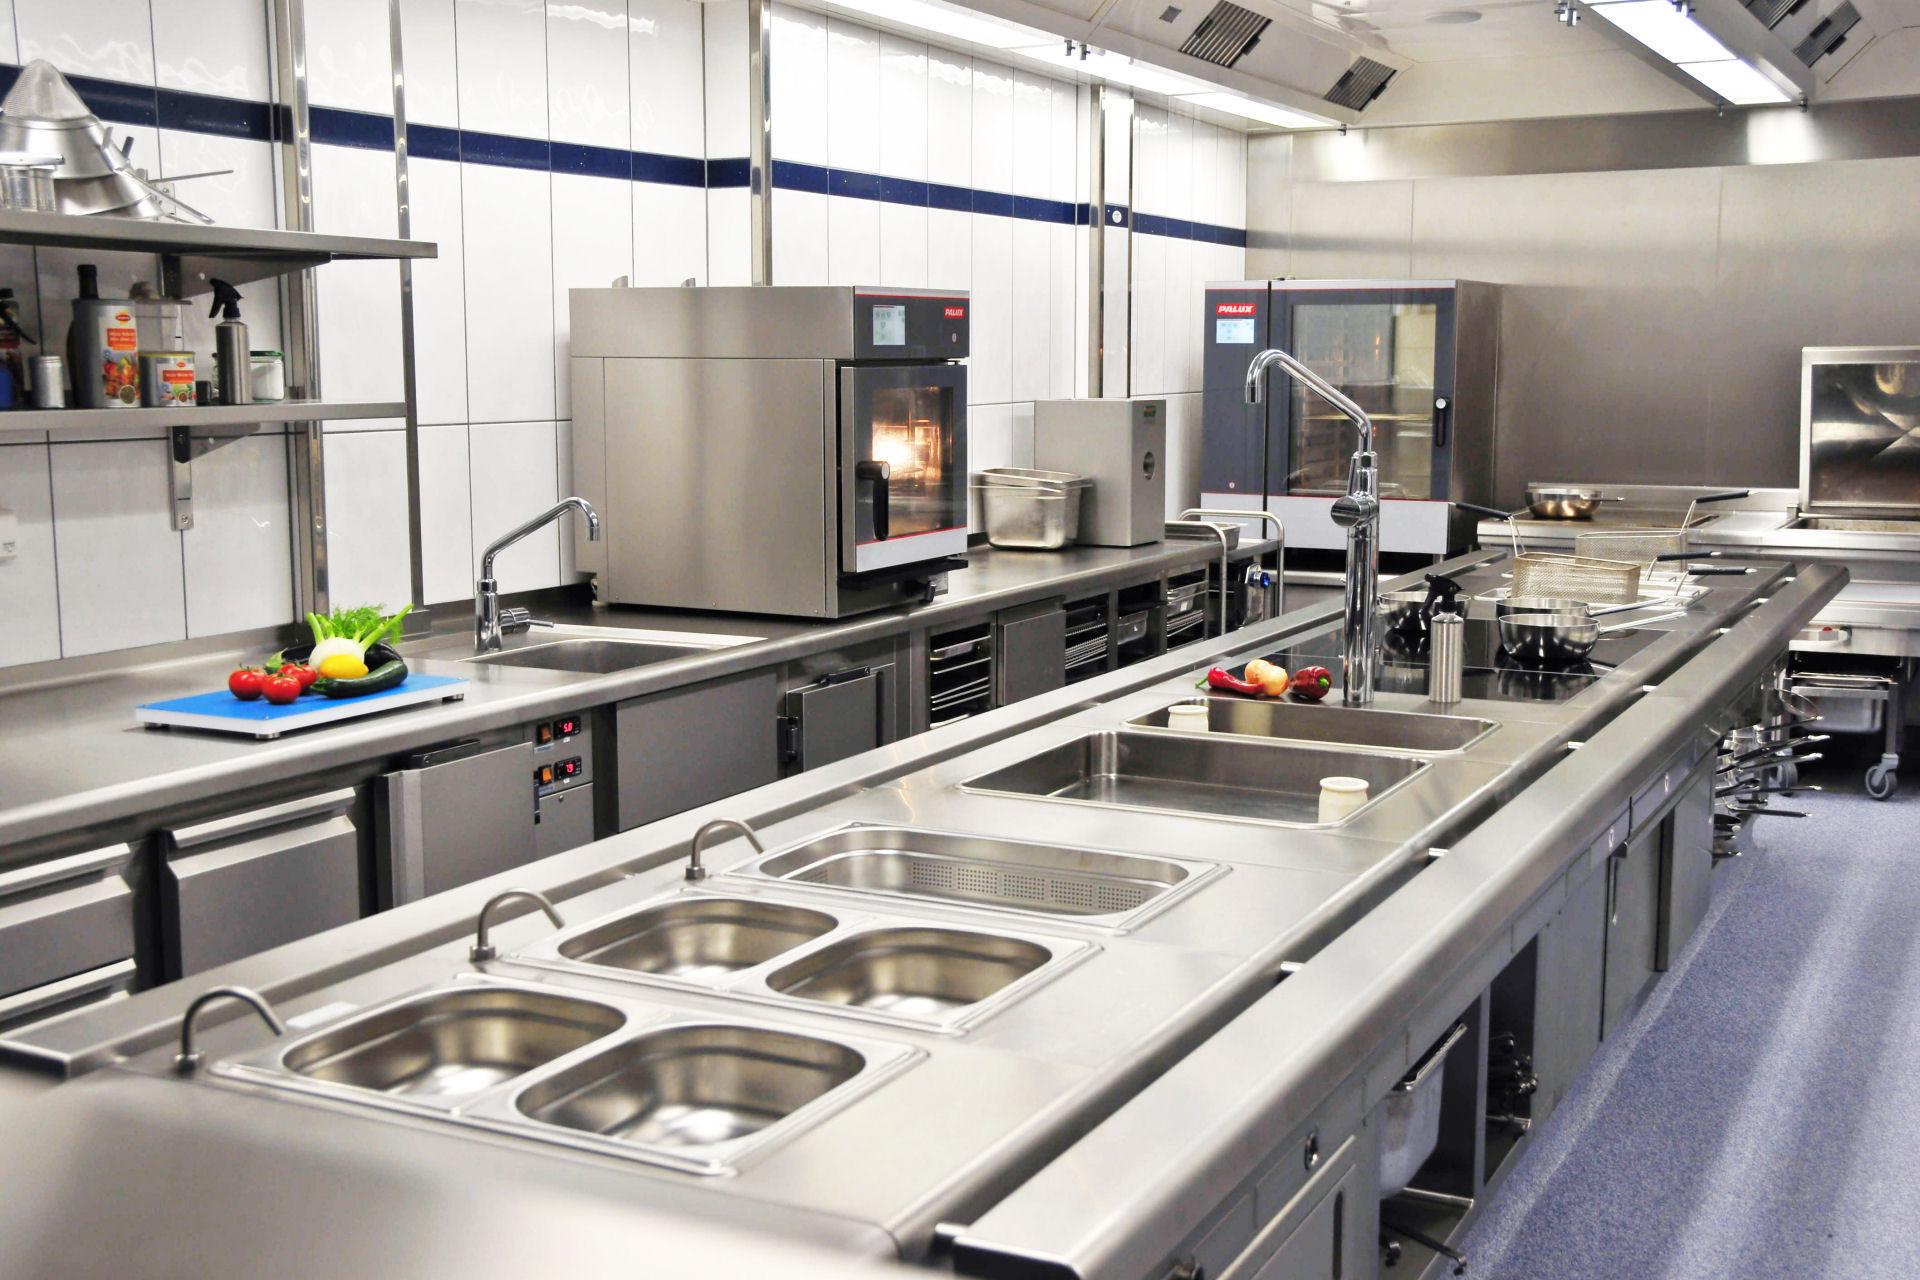 представляют многолетние производственная кухня фото цыганка